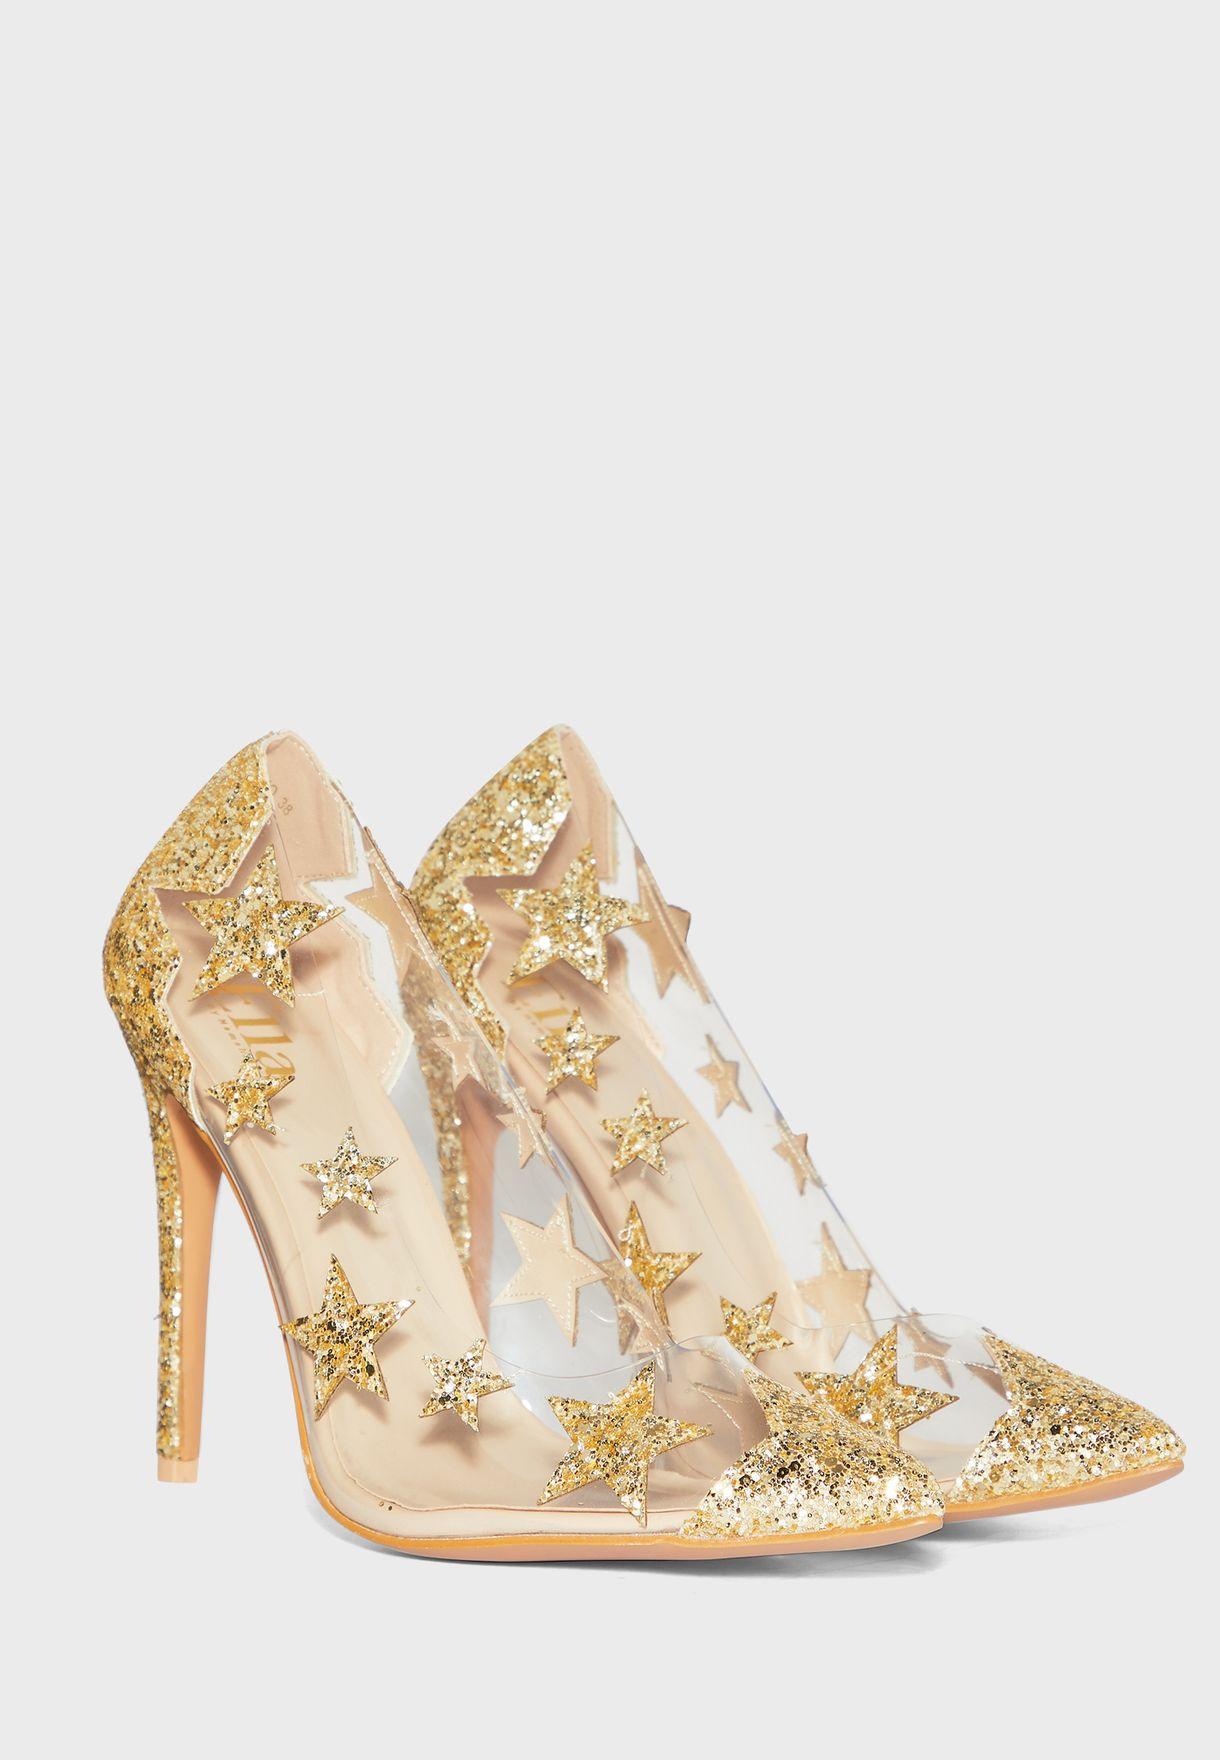 حذاء شفاف ذو كعب عالي مرصع بنجوم